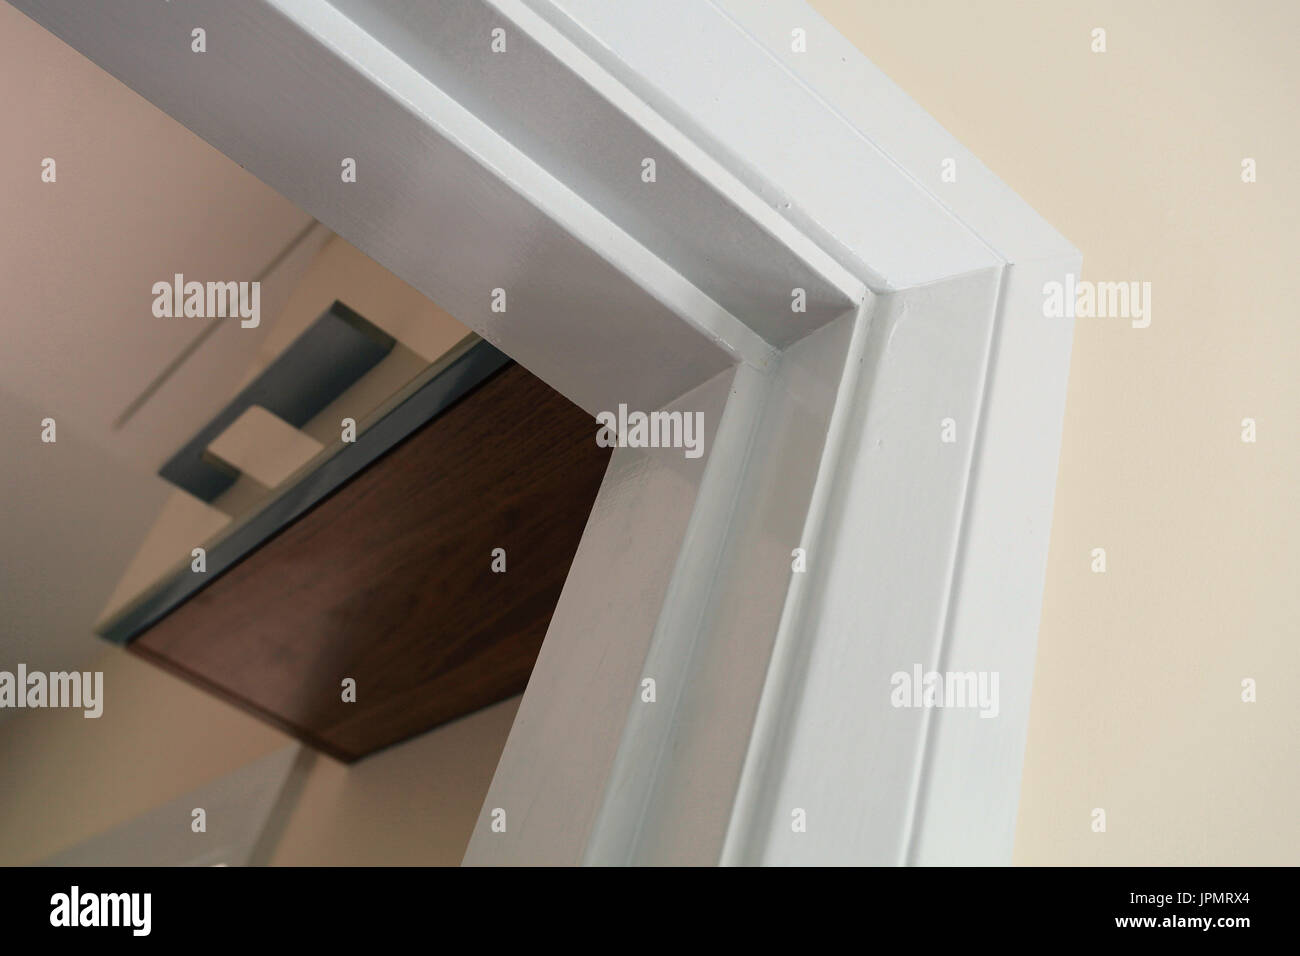 interne Türrahmen, Holz Türrahmen Stockfoto, Bild: 151663180 - Alamy